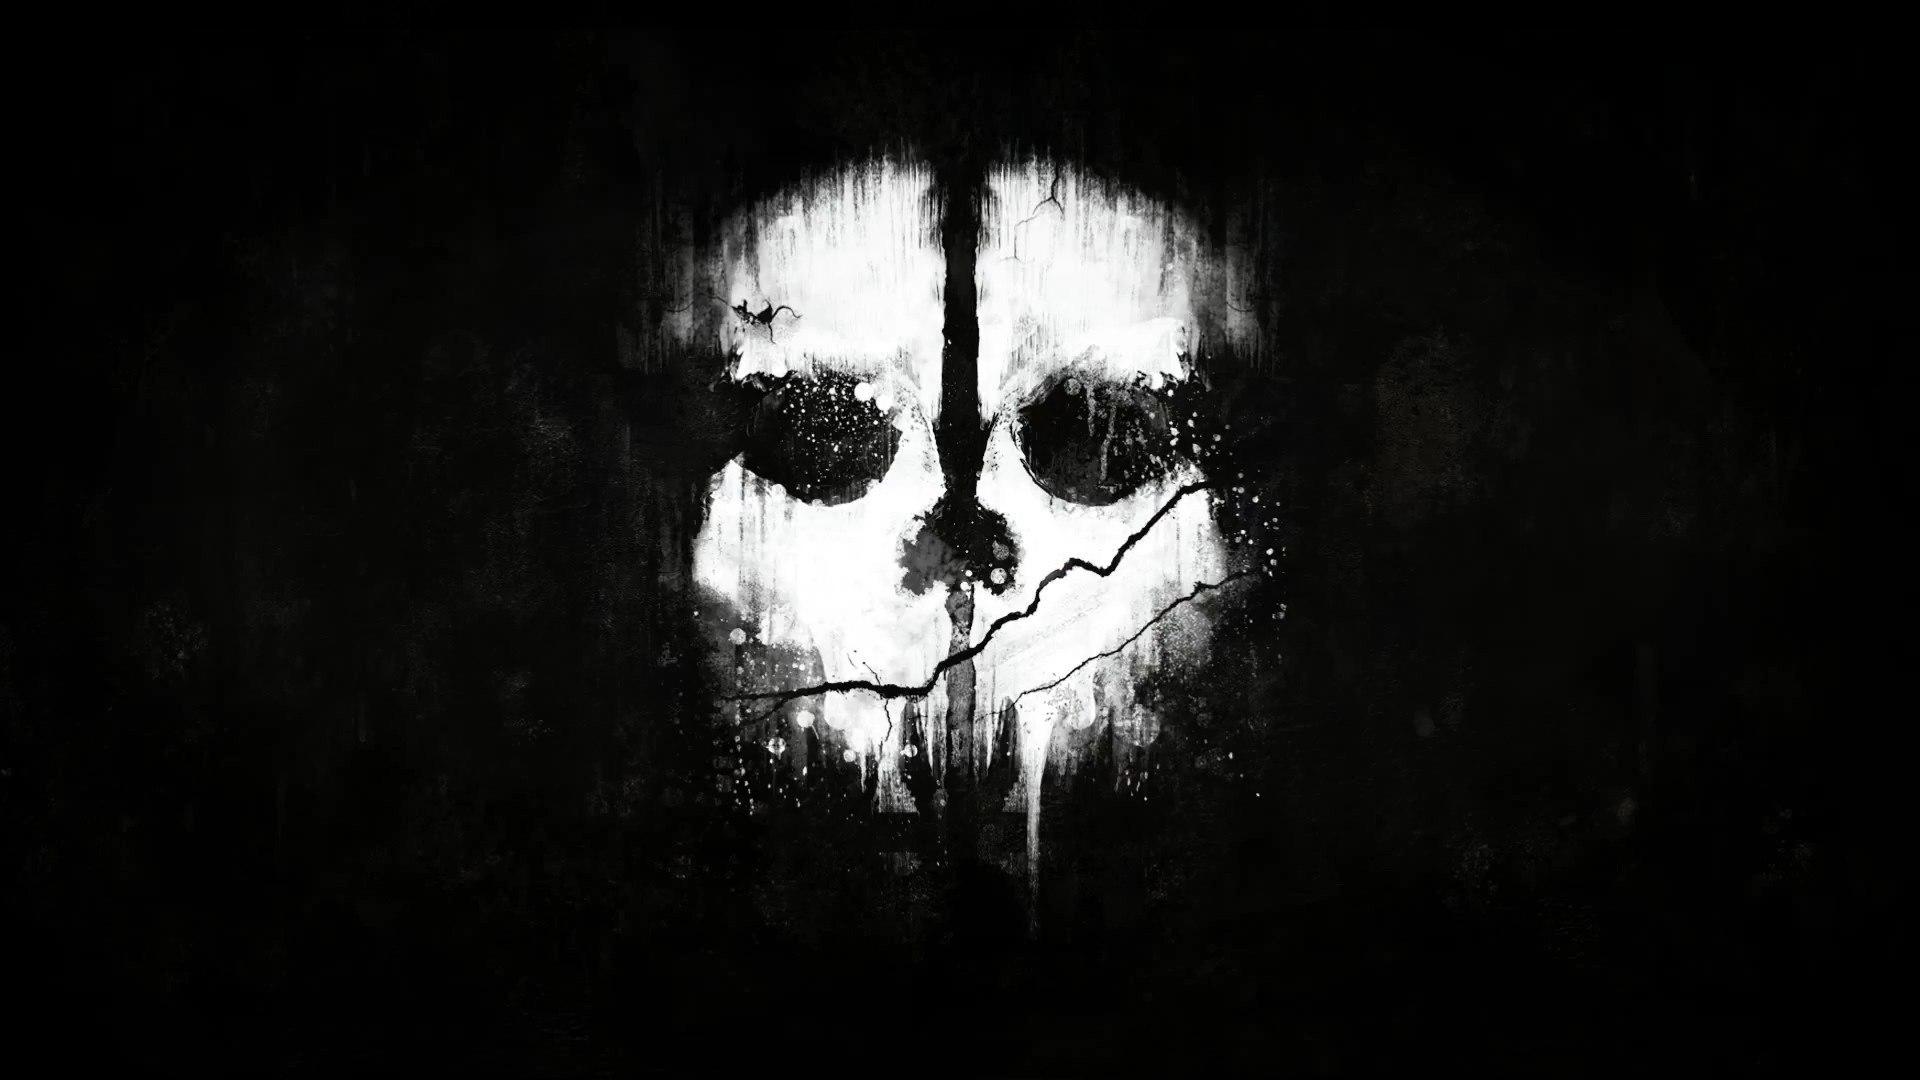 18648 скачать обои Игры, Фон, Логотипы, Call Of Duty (Cod) - заставки и картинки бесплатно